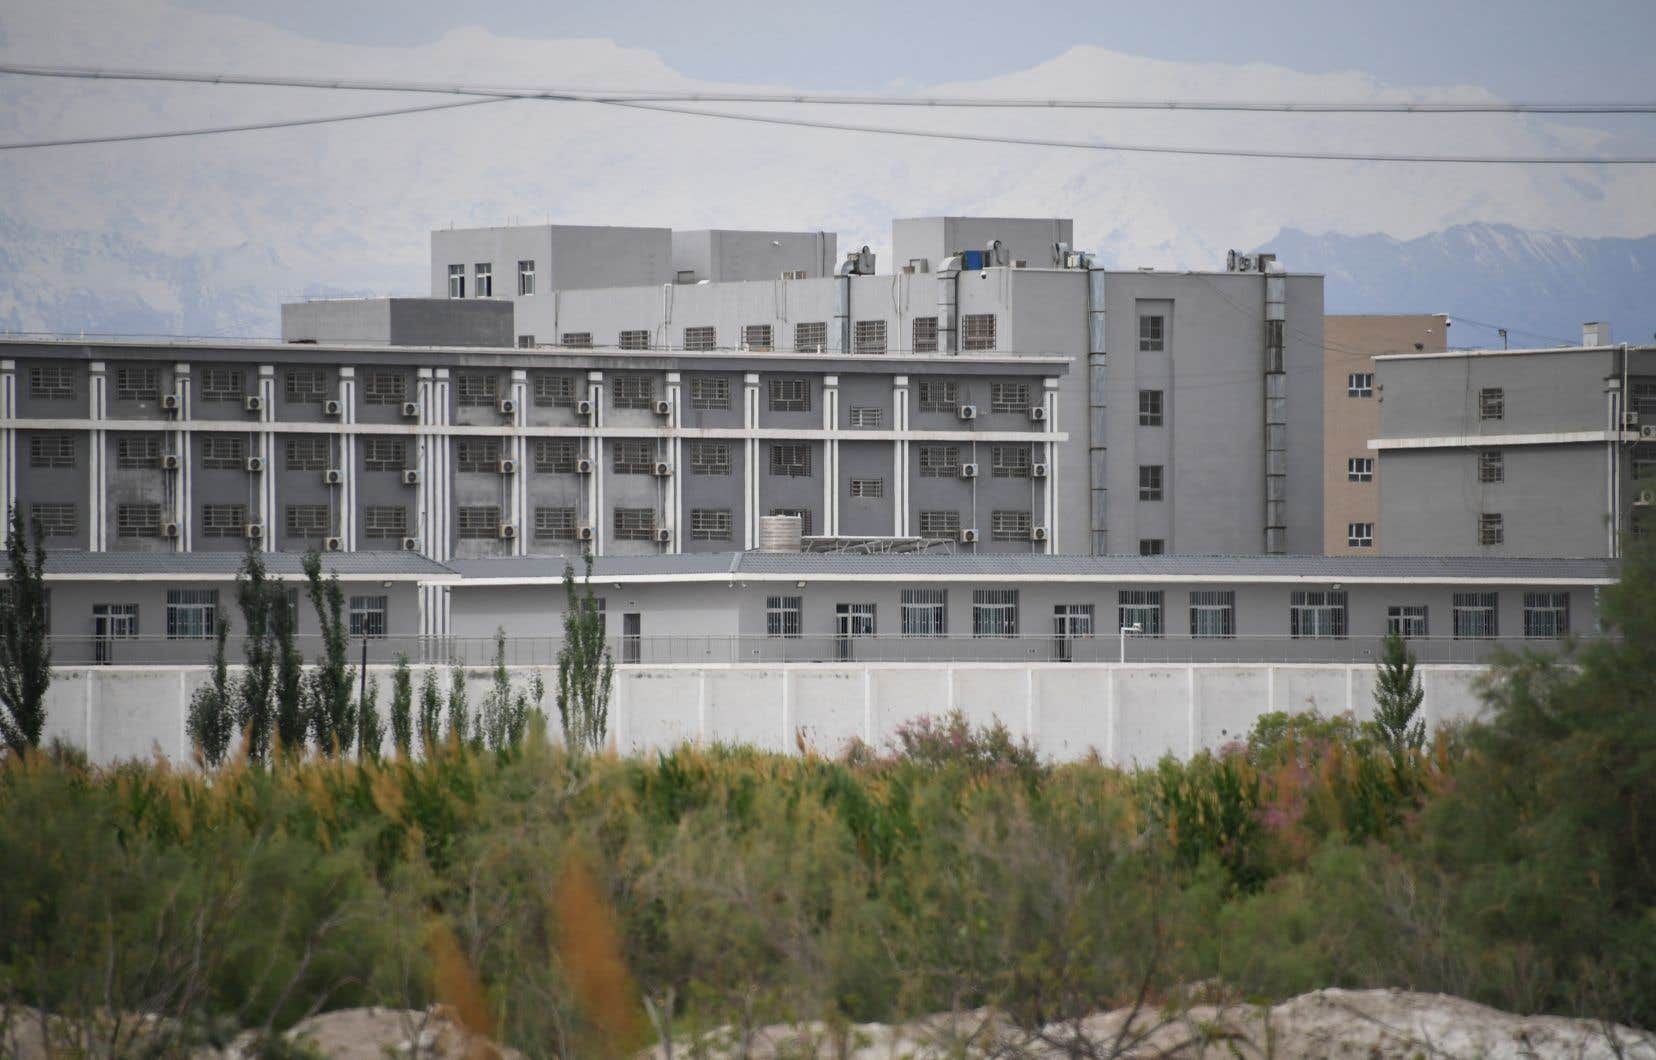 Depuis plusieurs années, la Chine place des Ouïghours, principale minorité ethnique du Xinjiang, en détention dans des «camps de rééducation» politique.